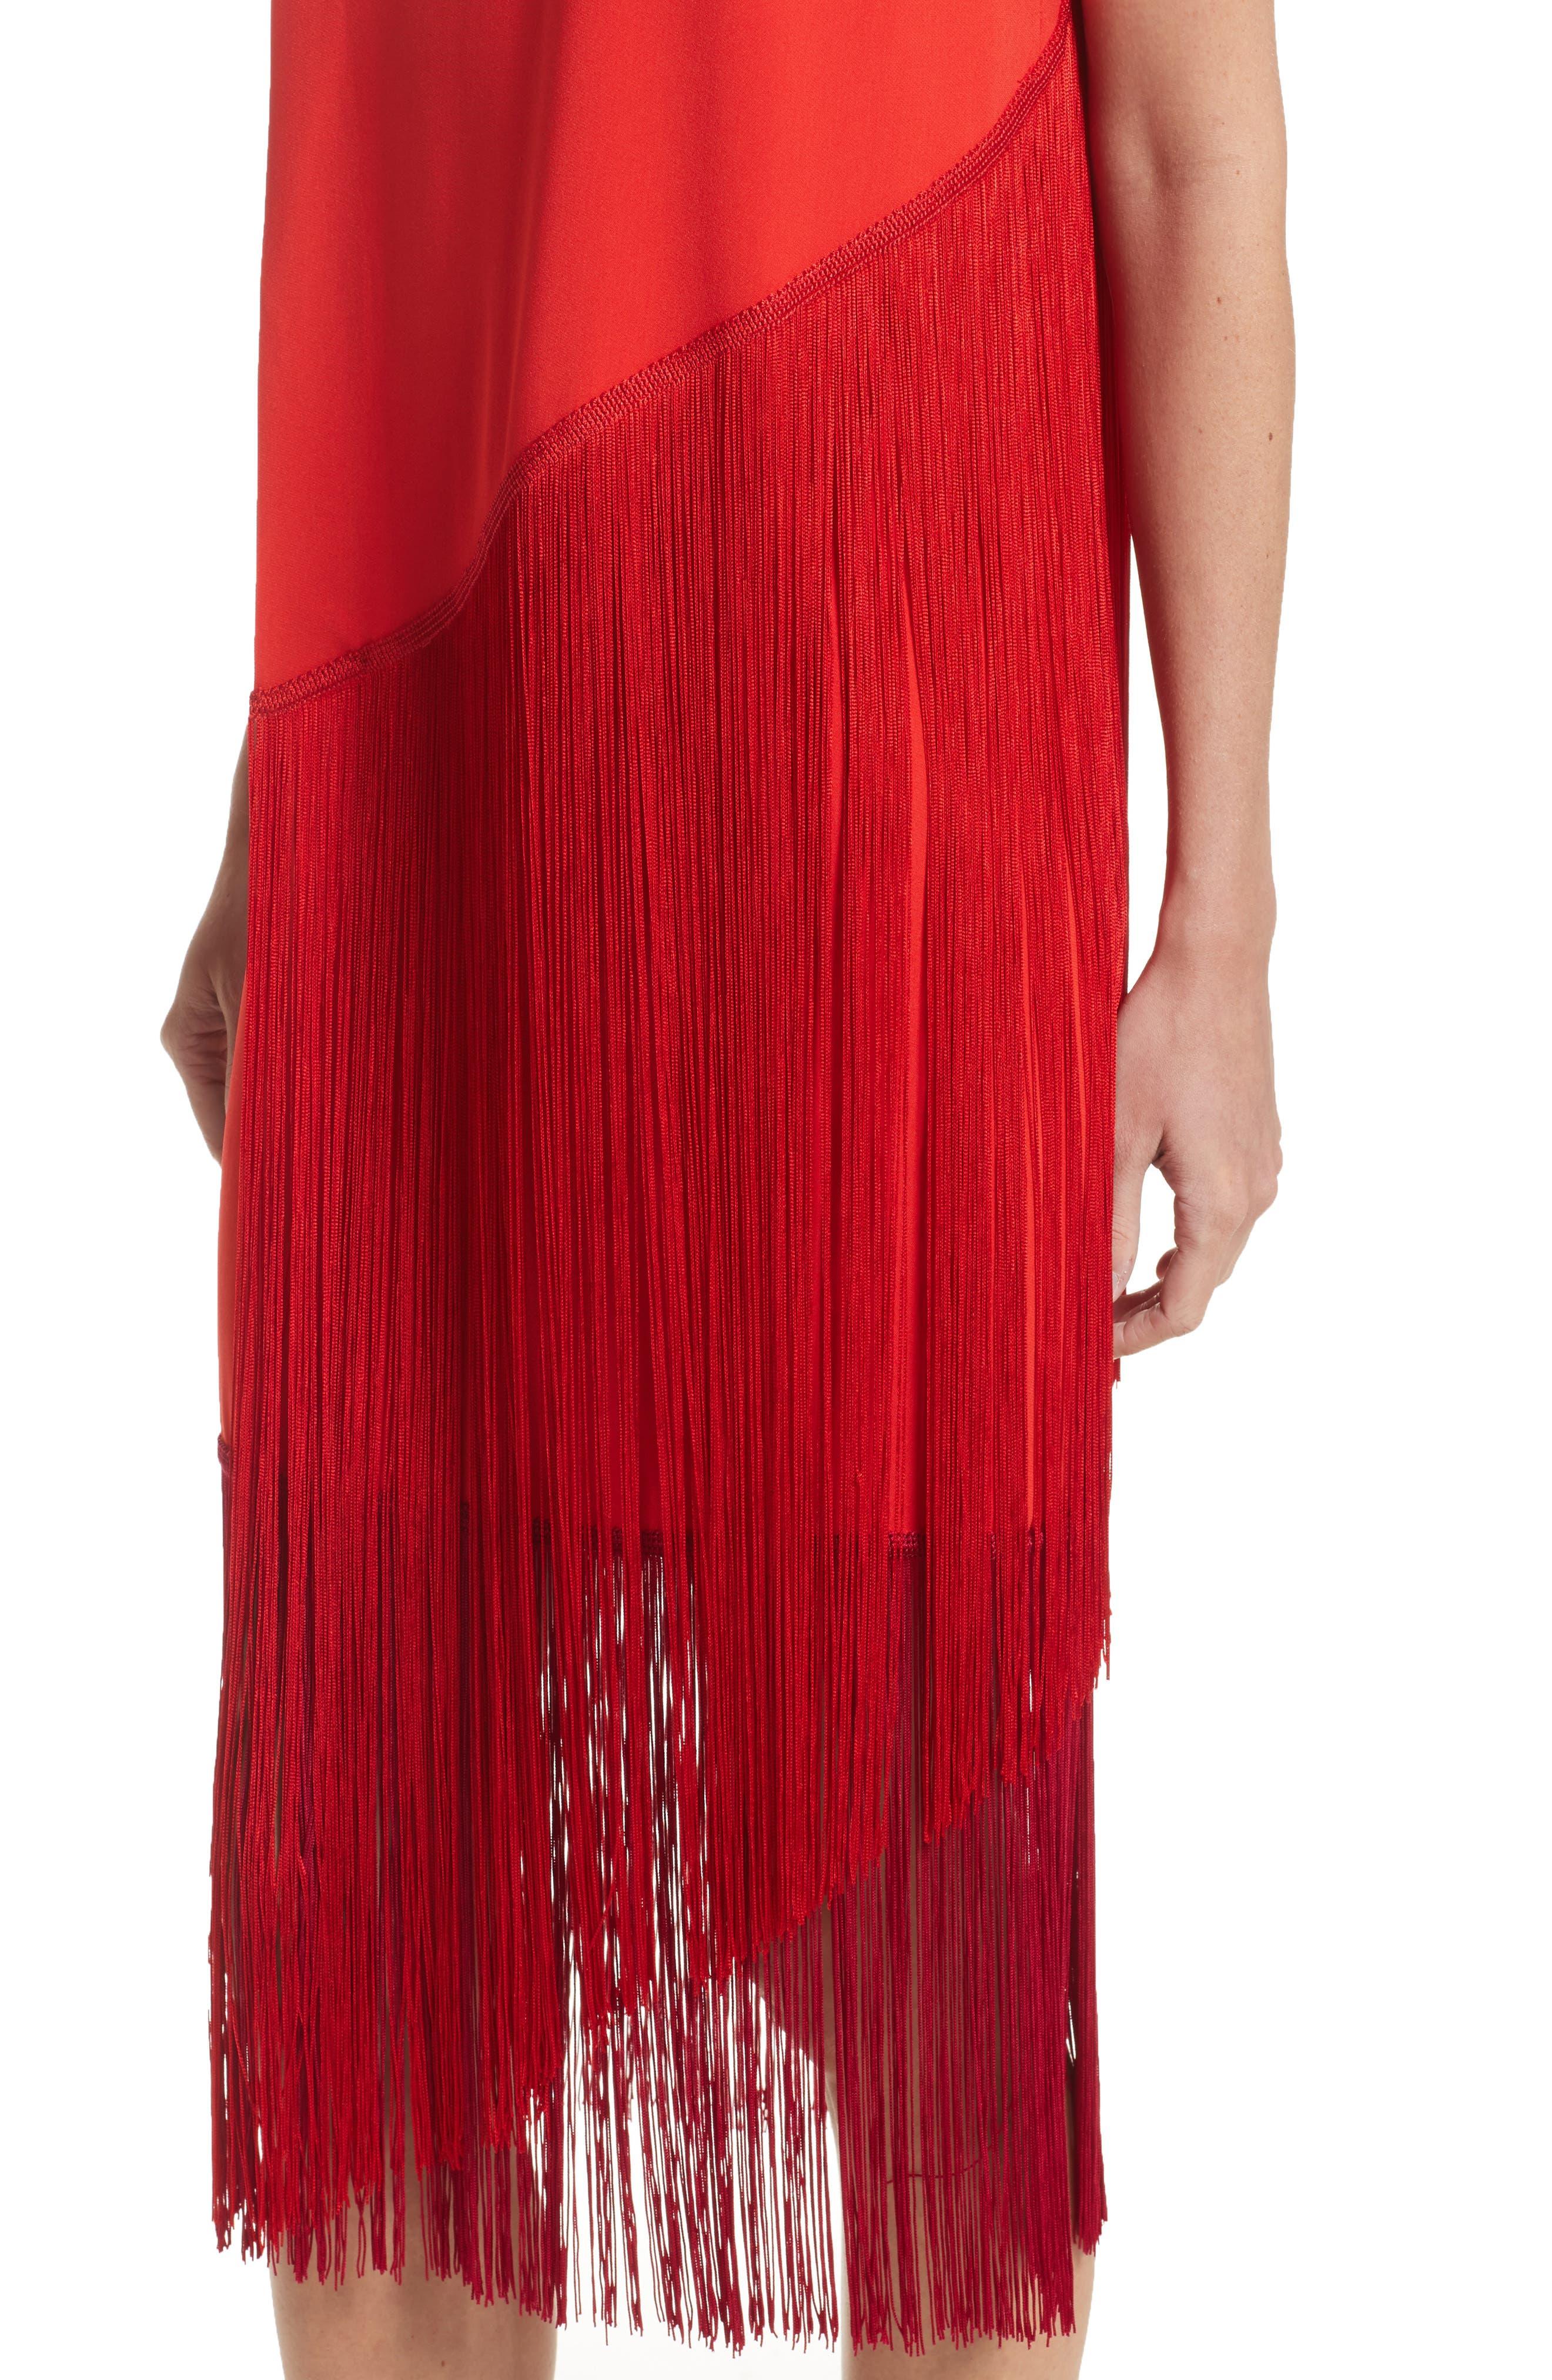 Fringe Overlay Dress,                             Alternate thumbnail 7, color,                             Lipstick